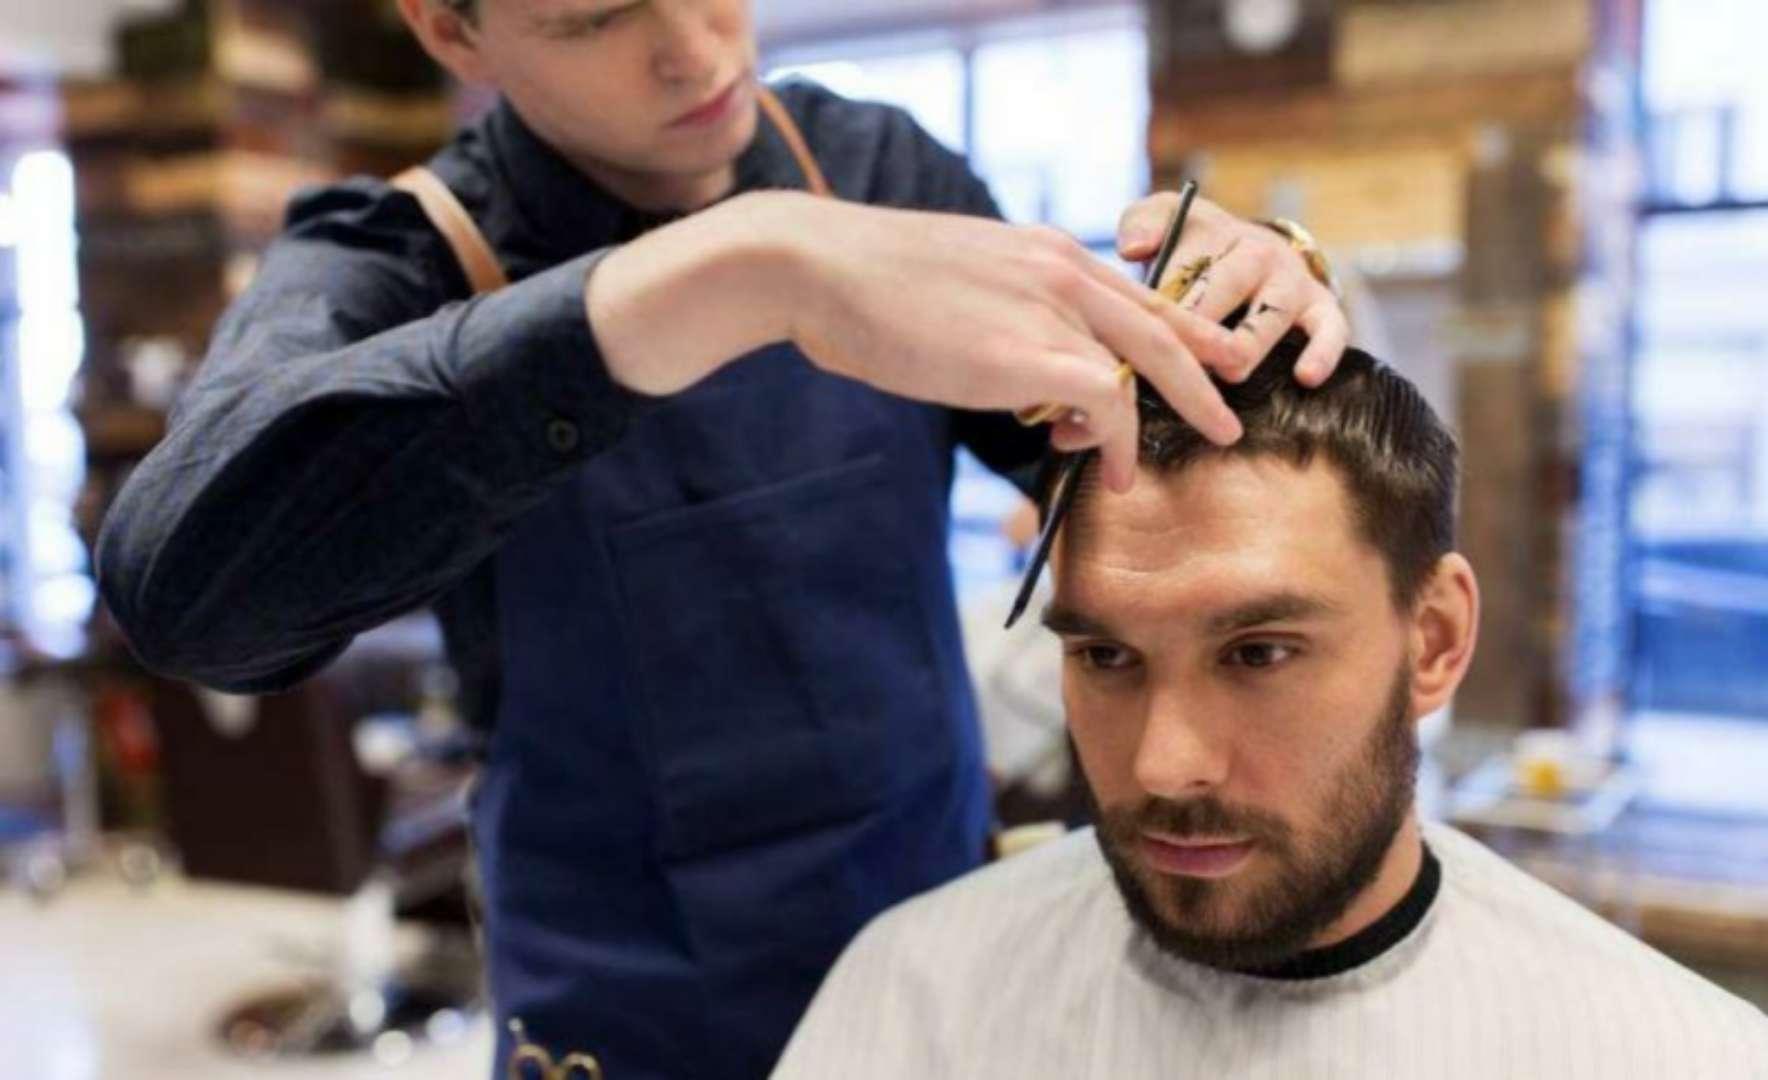 从理发师剪头发速度的快慢上,能判断其技术高低吗?